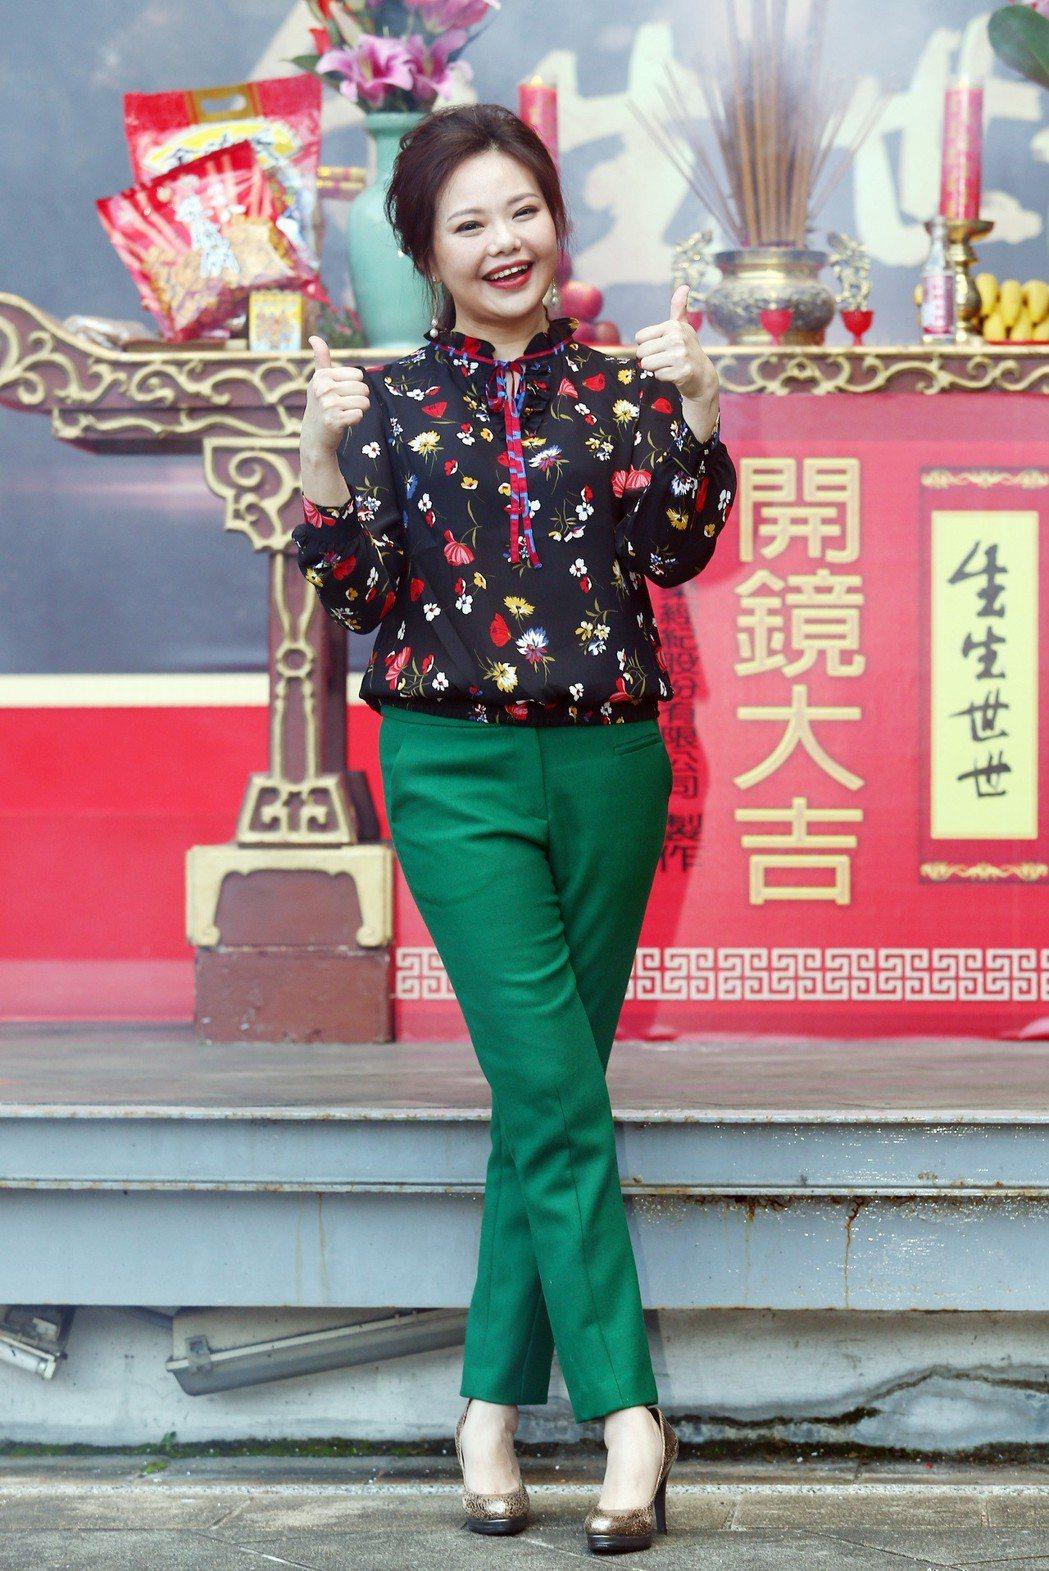 台視最新八點檔大戲「生生世世」舉行開鏡儀式,劇中演員林嘉俐。記者杜建重/攝影